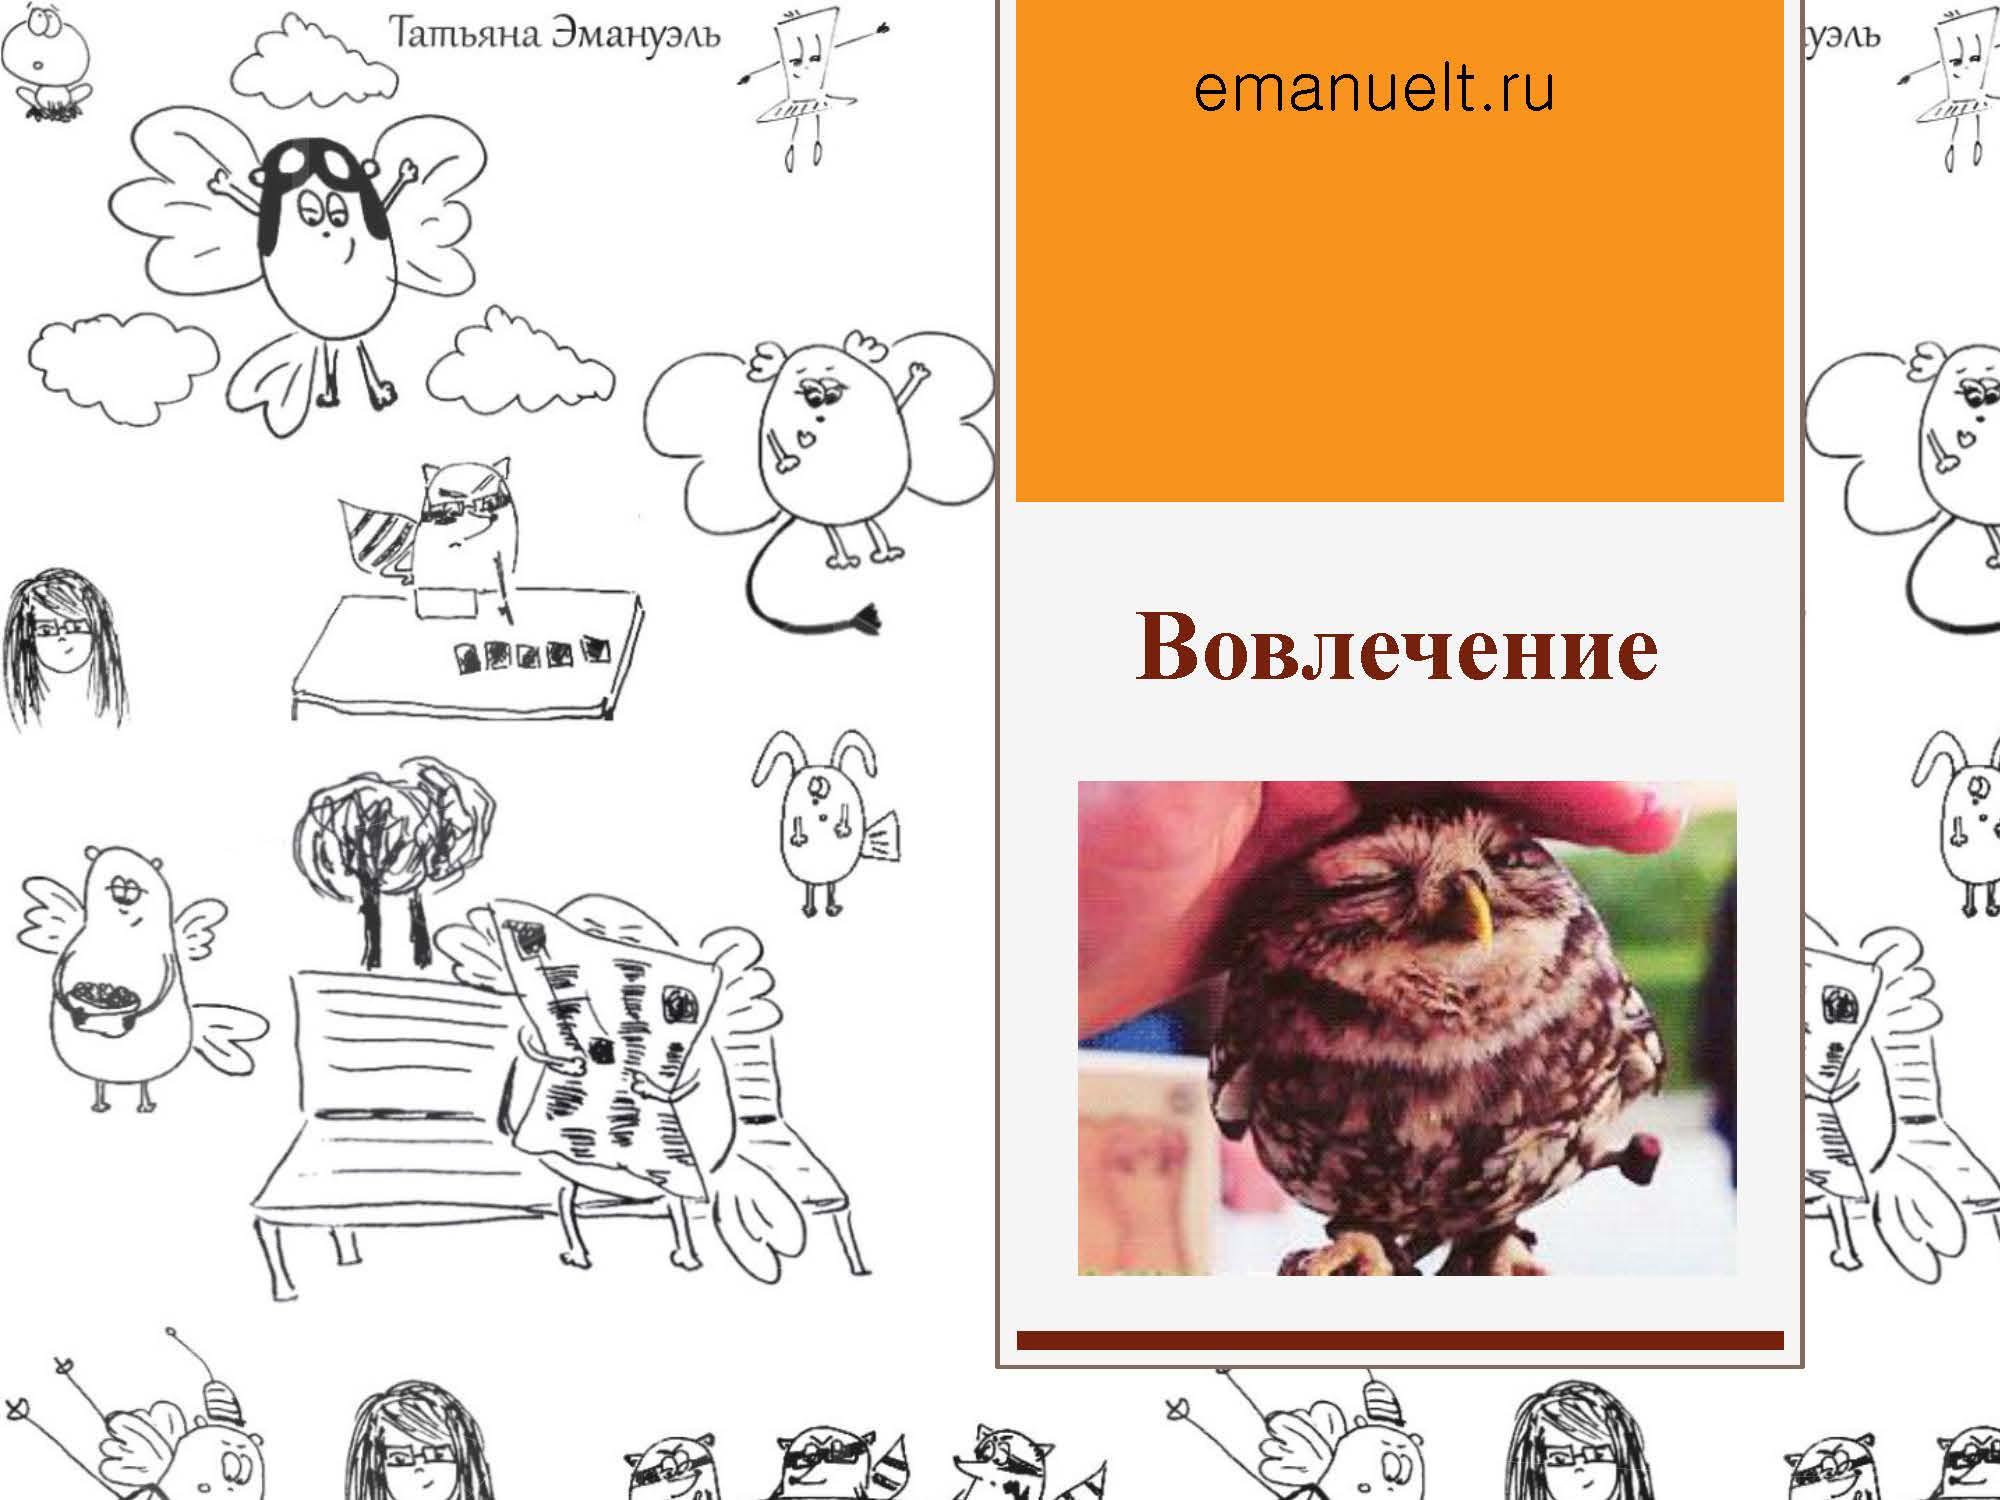 секция 8. Эмануэль Т.С., Московский район_Страница_16